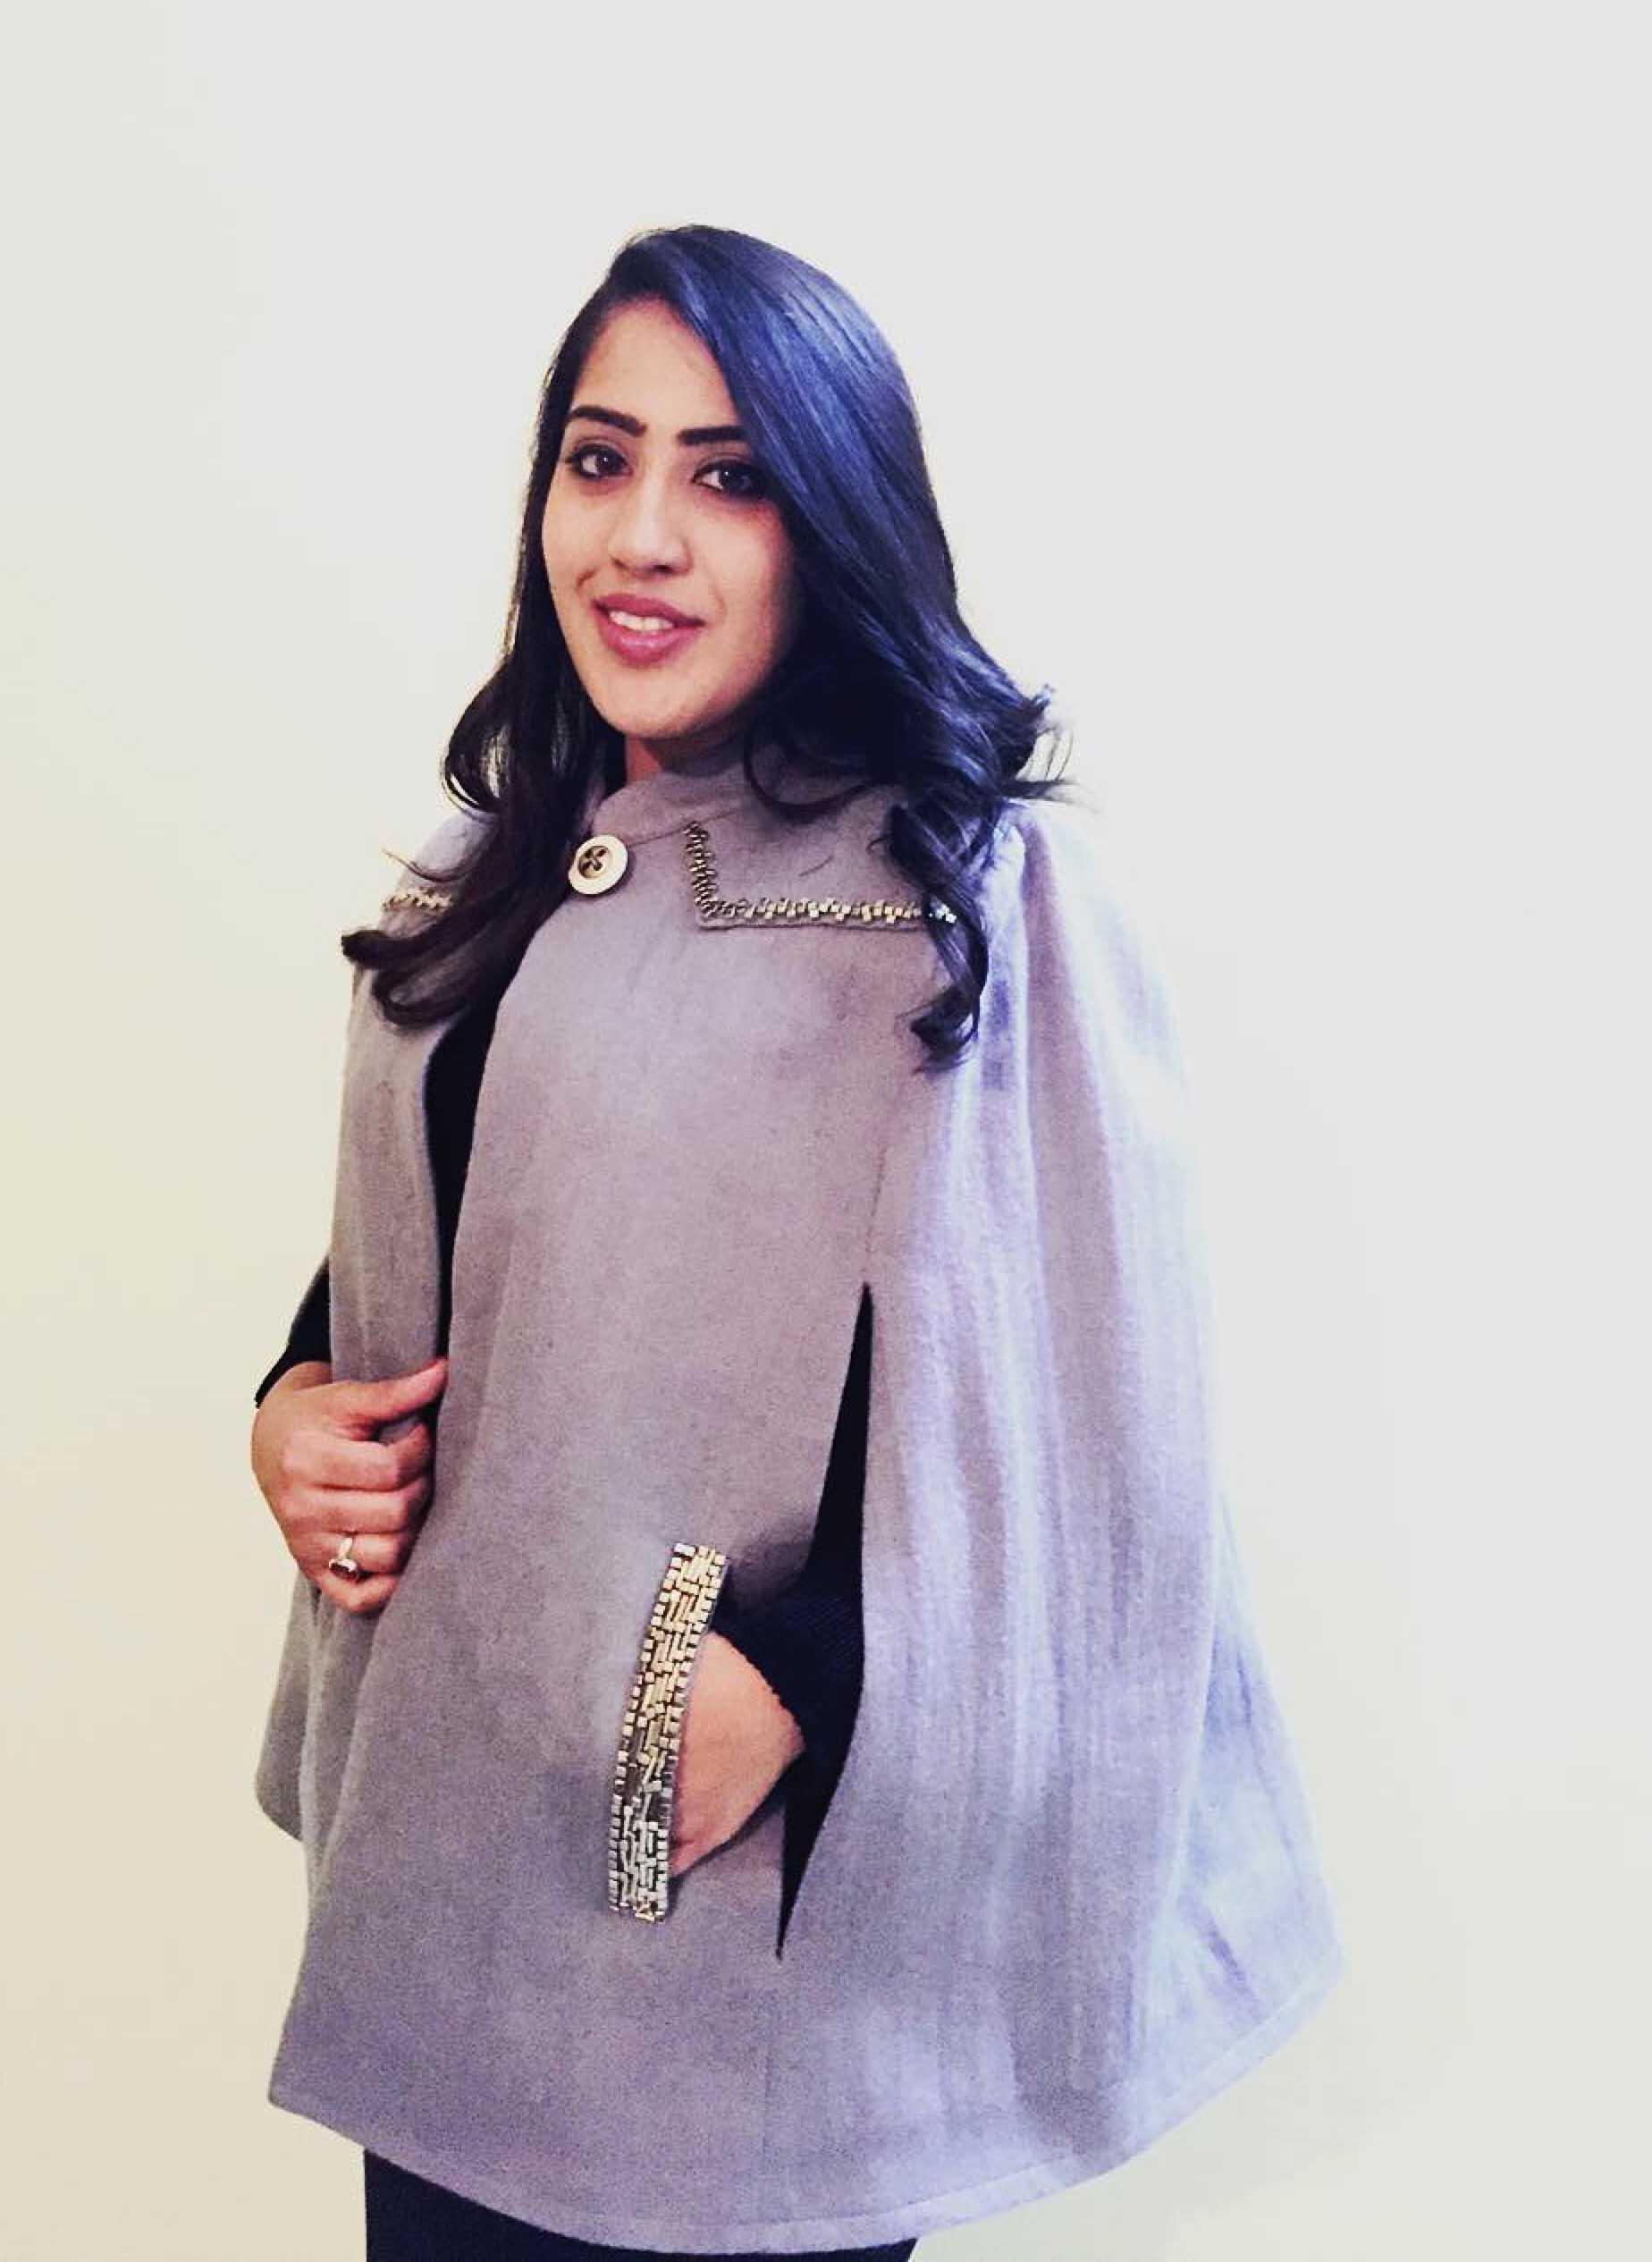 Article उभरता राजस्थानः अब फैशन भी राजपूताना India Today, March 2018